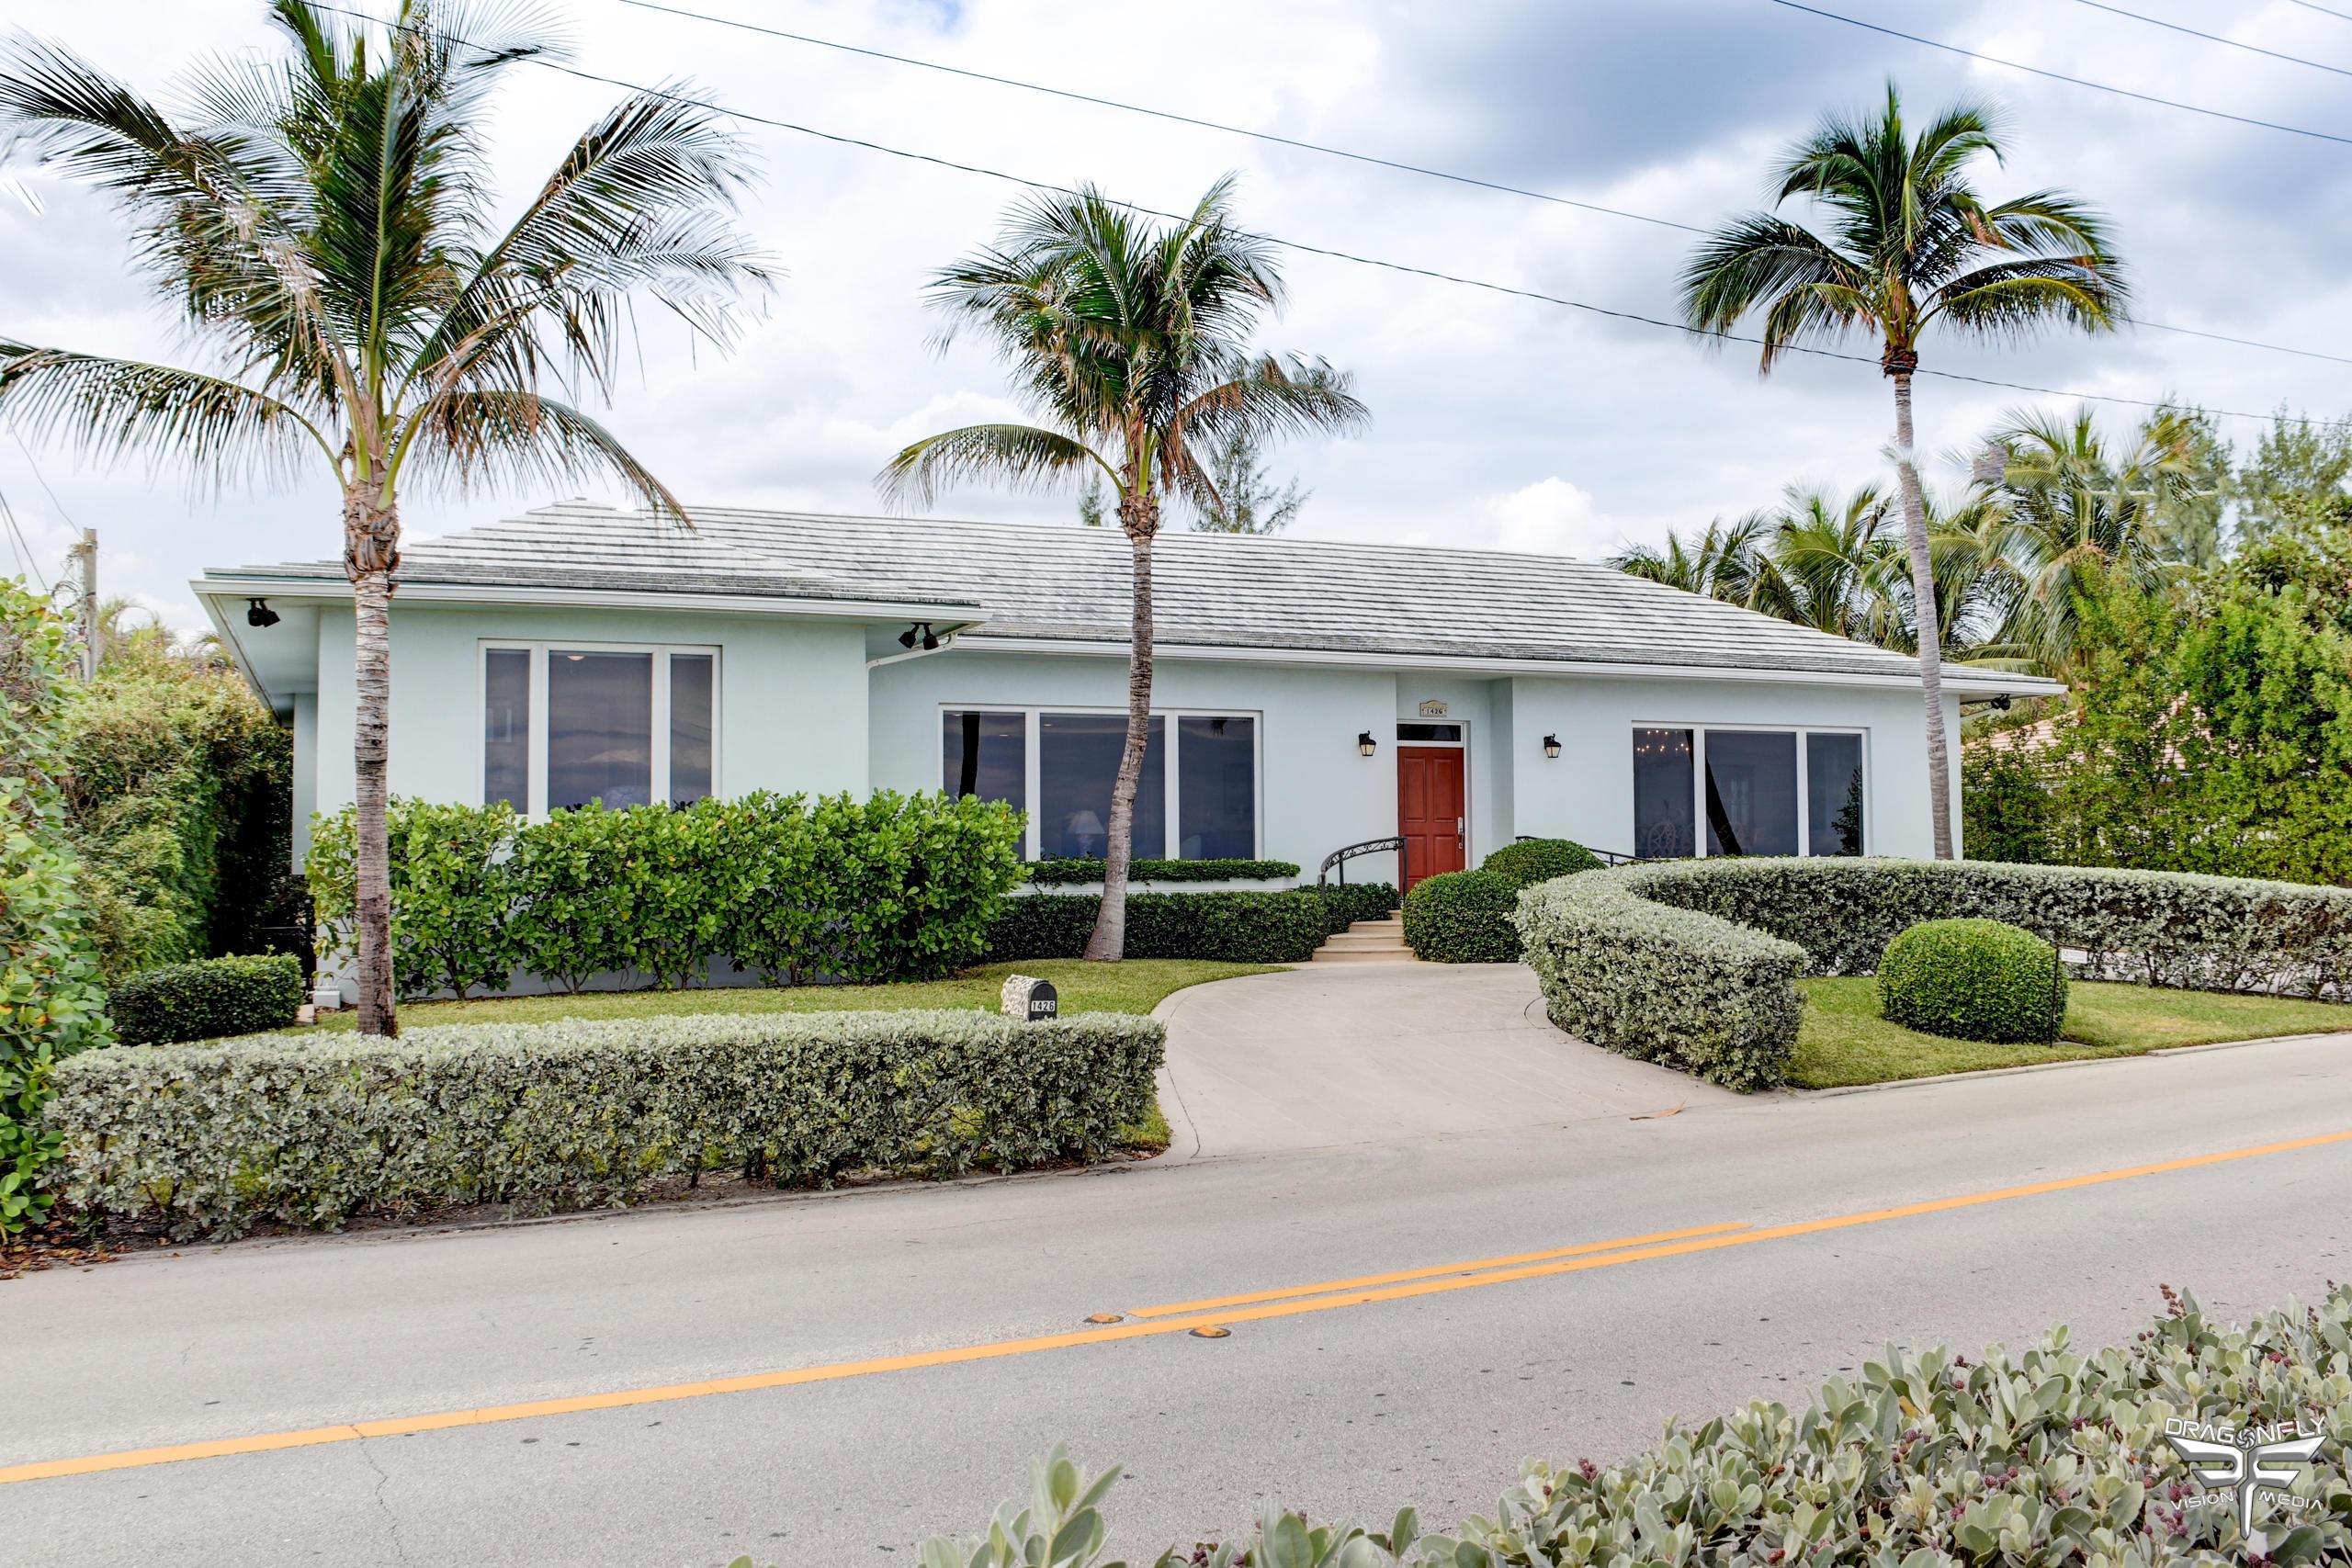 1426 N Ocean Boulevard - Palm Beach, Florida